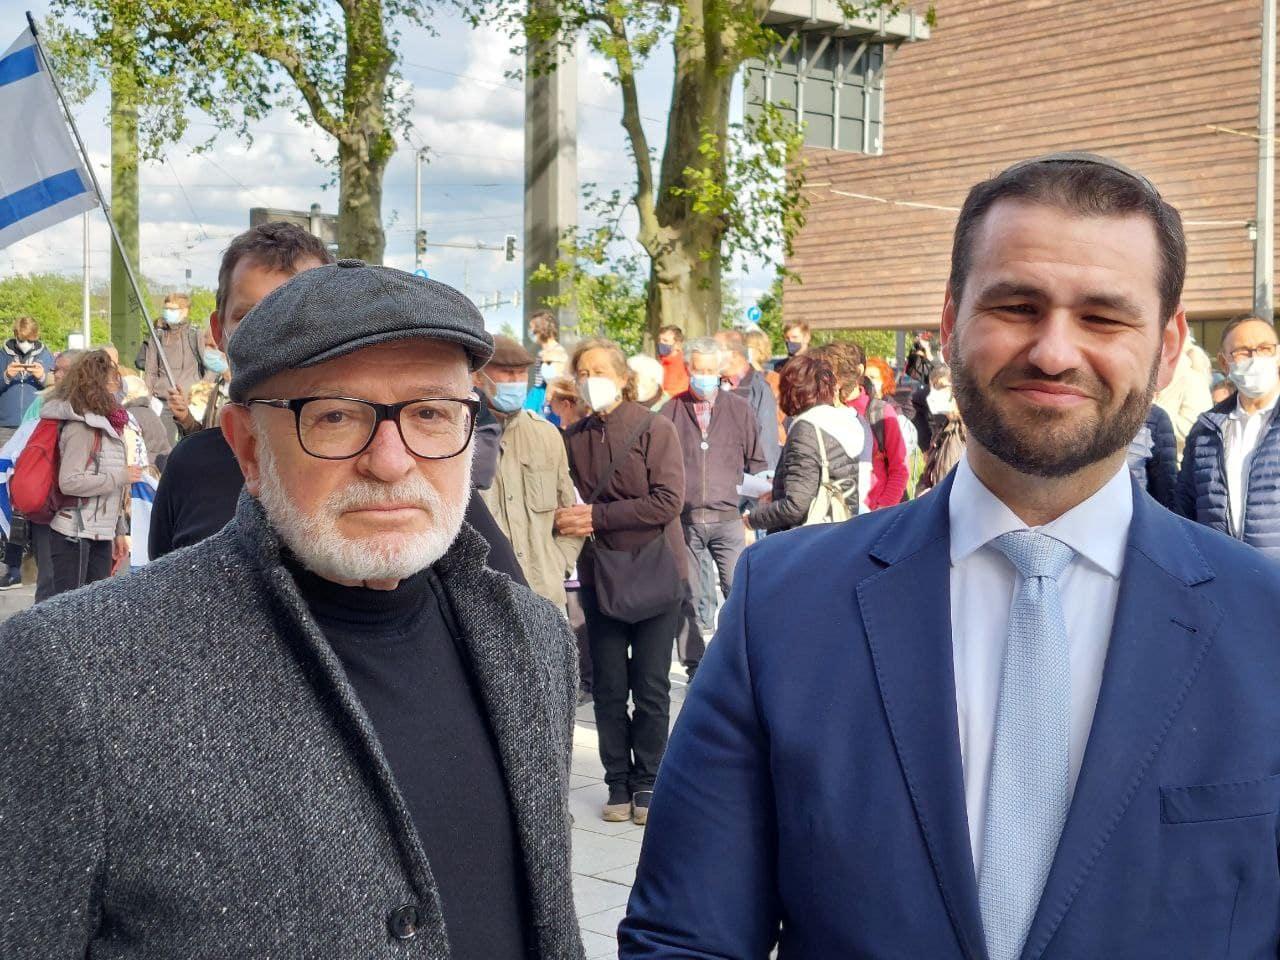 Küf Kaufmann (Vorstand der Jüdischen Gemeinde Leipzig) und Rabbiner Zsolt Balla. Foto: LZ